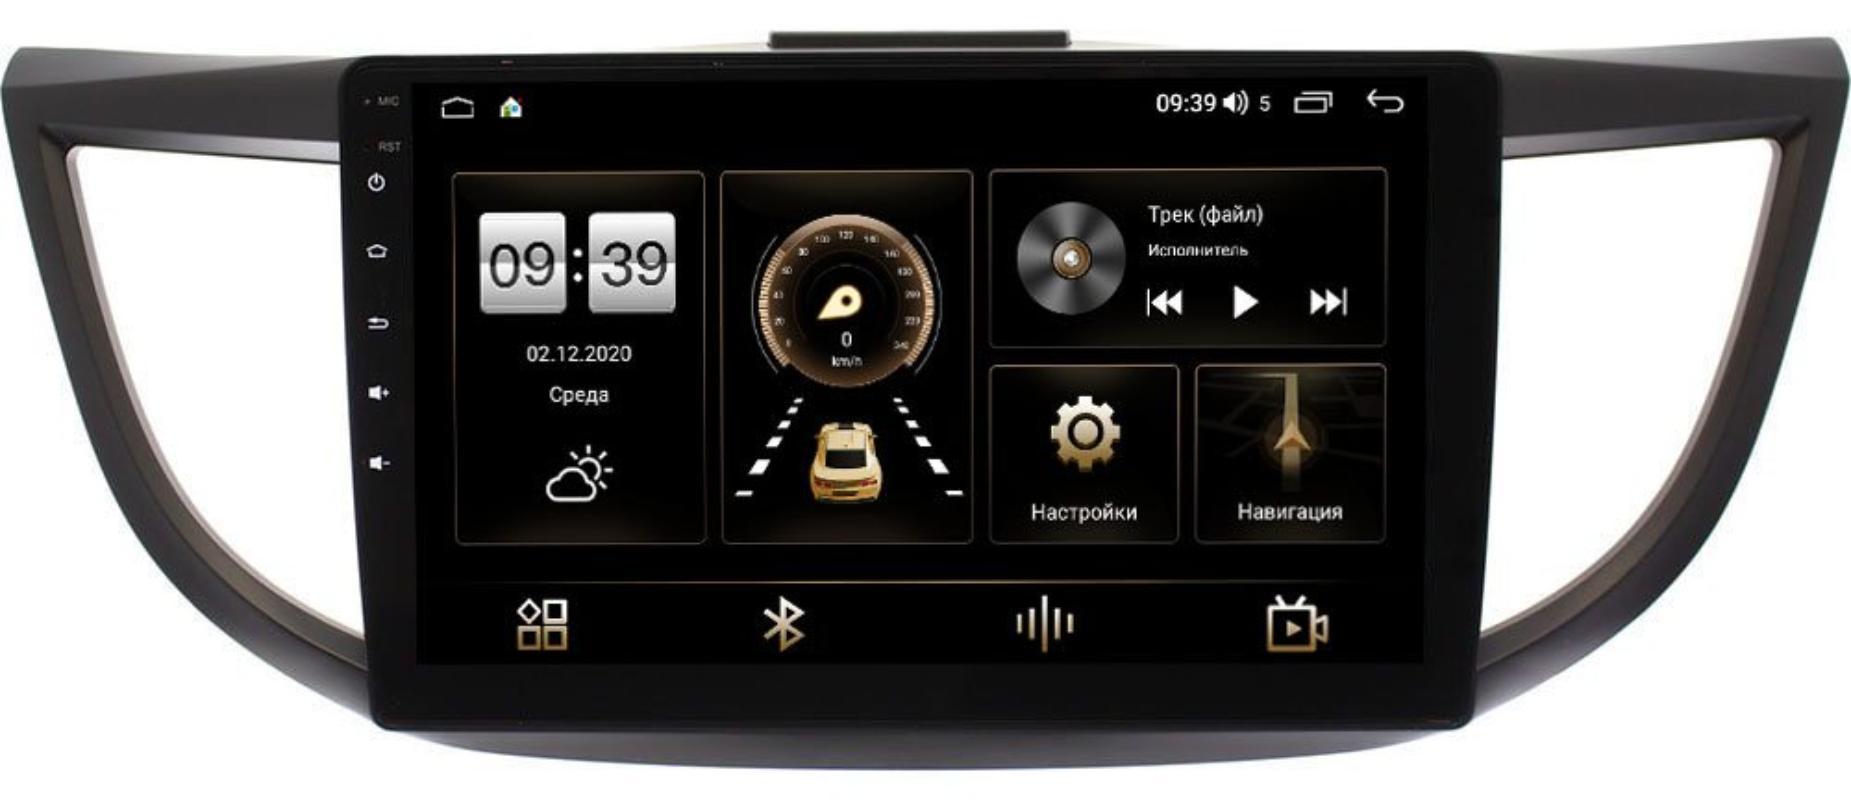 Штатная магнитола LeTrun 4165-1012 для Honda CR-V IV 2012-2016 на Android 10 (4G-SIM, 3/32, DSP, QLed) (+ Камера заднего вида в подарок!)